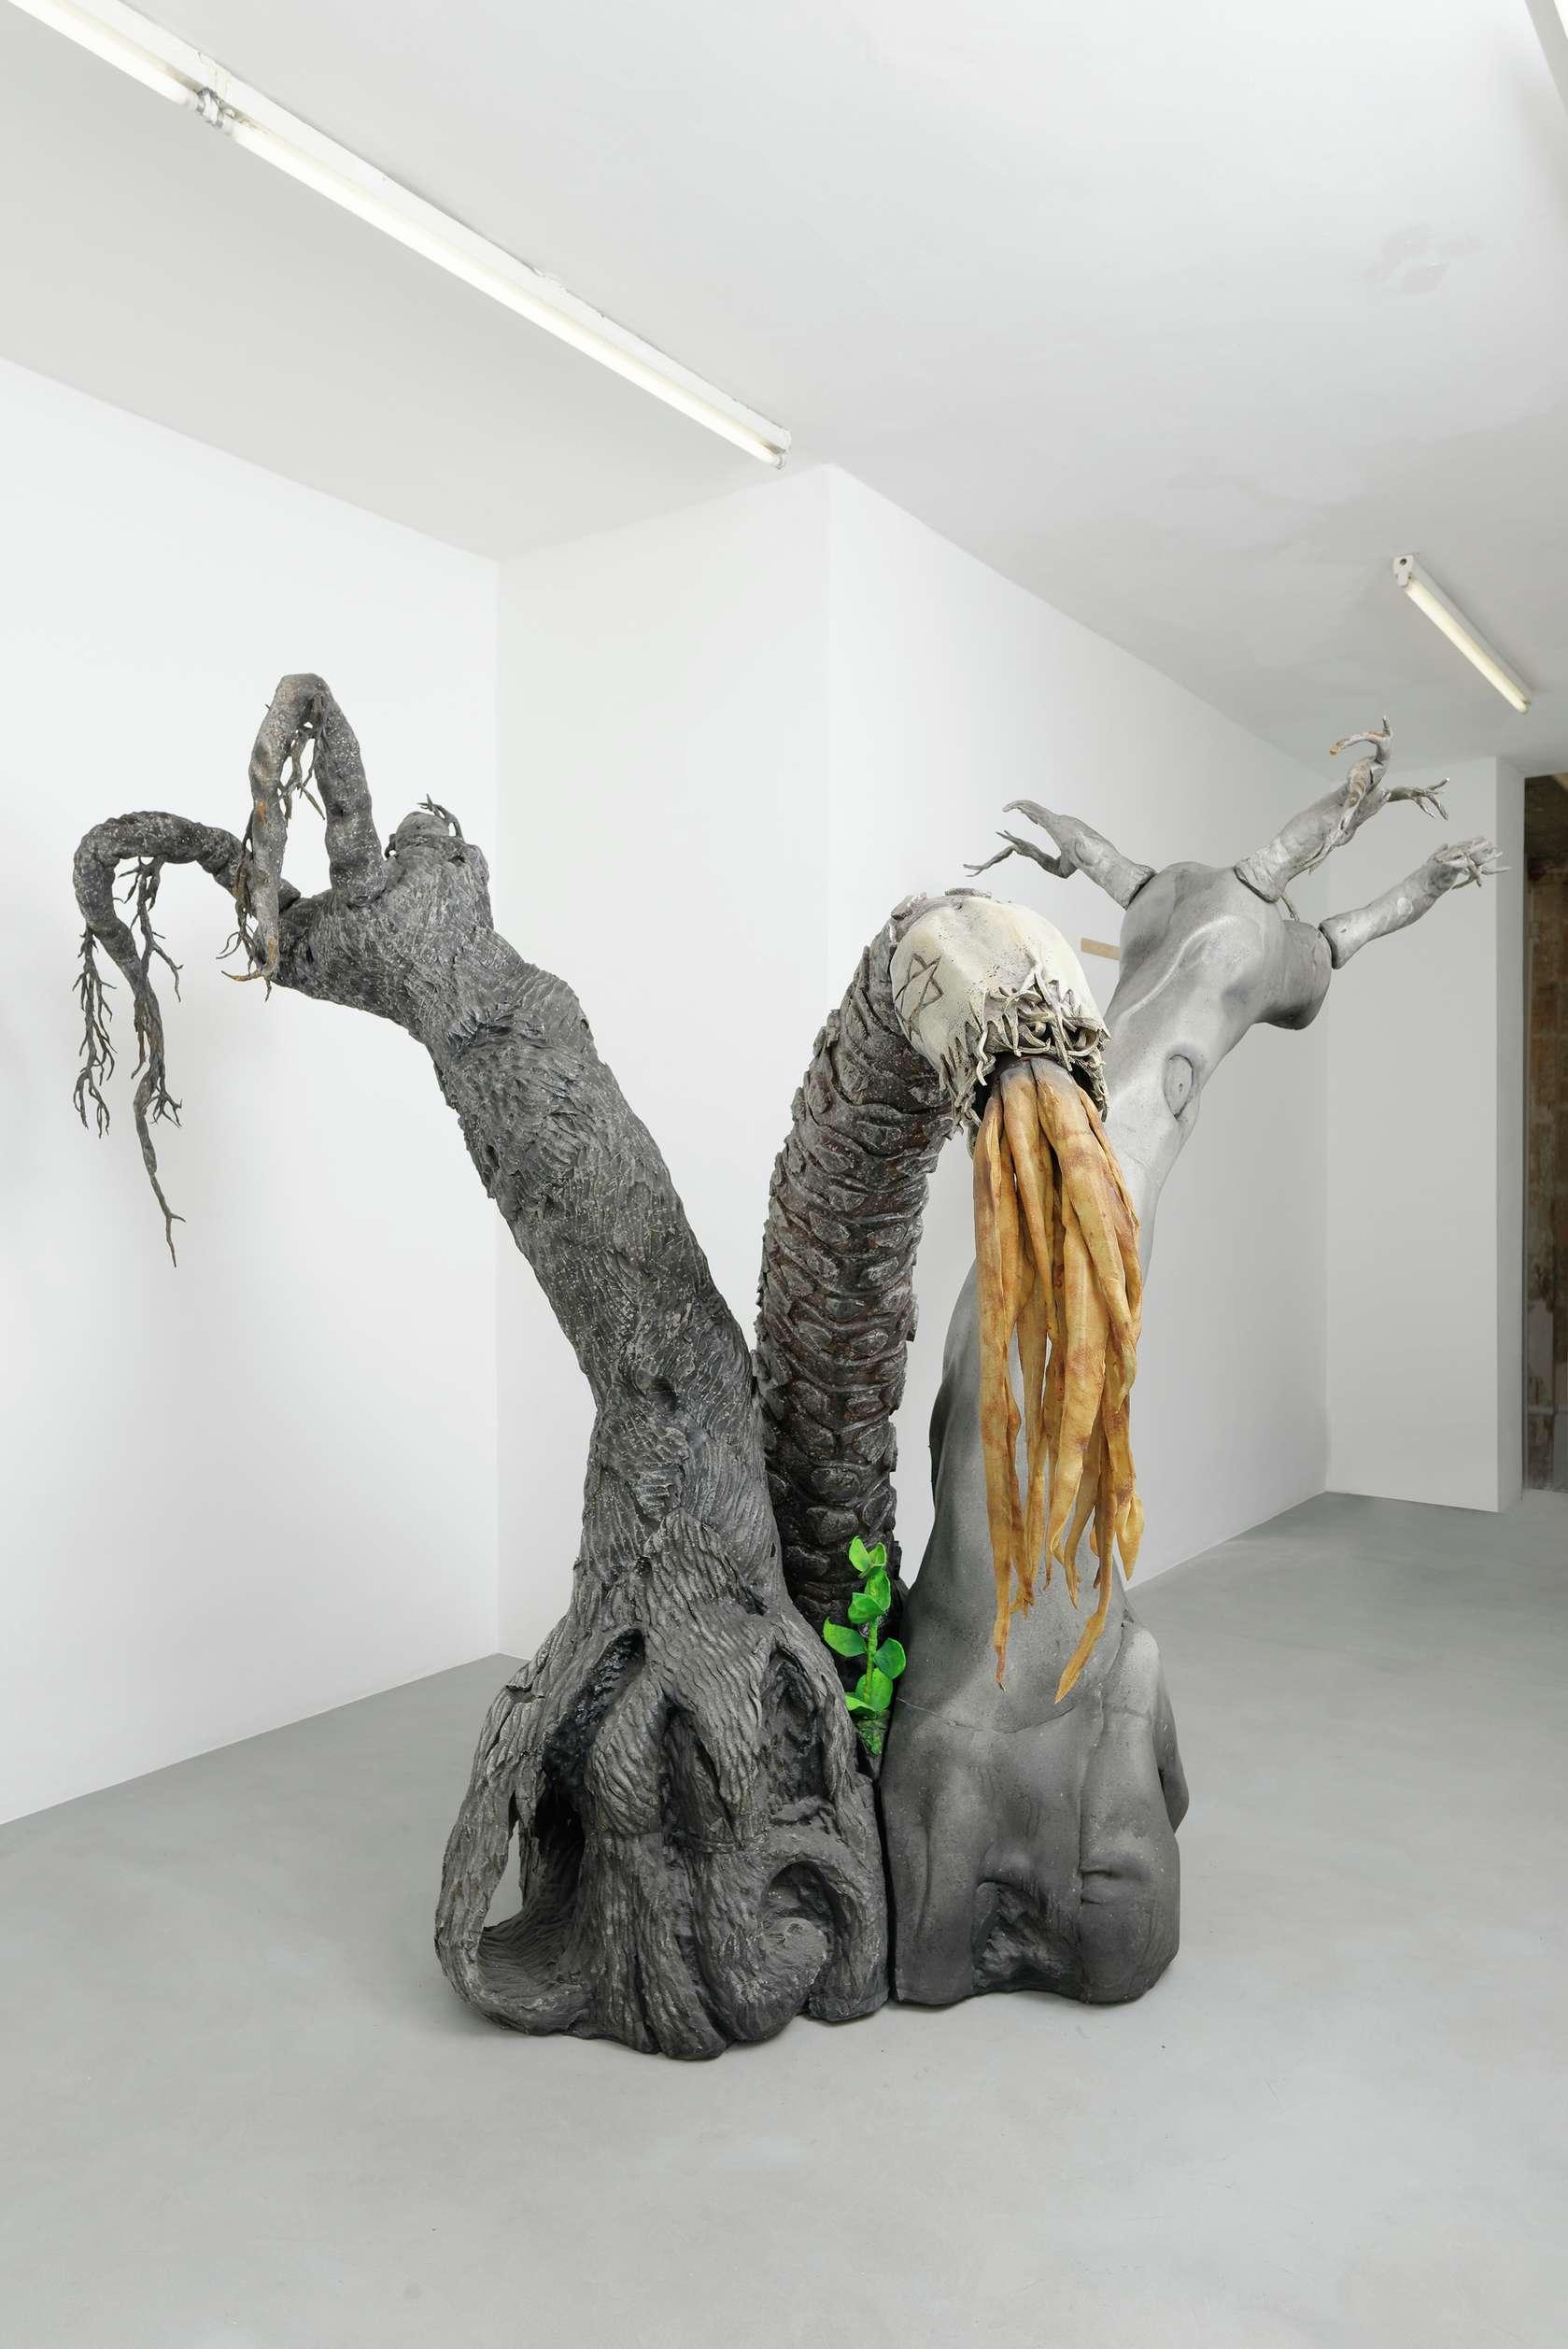 Piero Gilardi, Poiesis, 2004 Mousse de polyuréthane et installation sonore225 x 300 x 220cm / 88 5/8 x 118 1/8 x 86 5/8inches